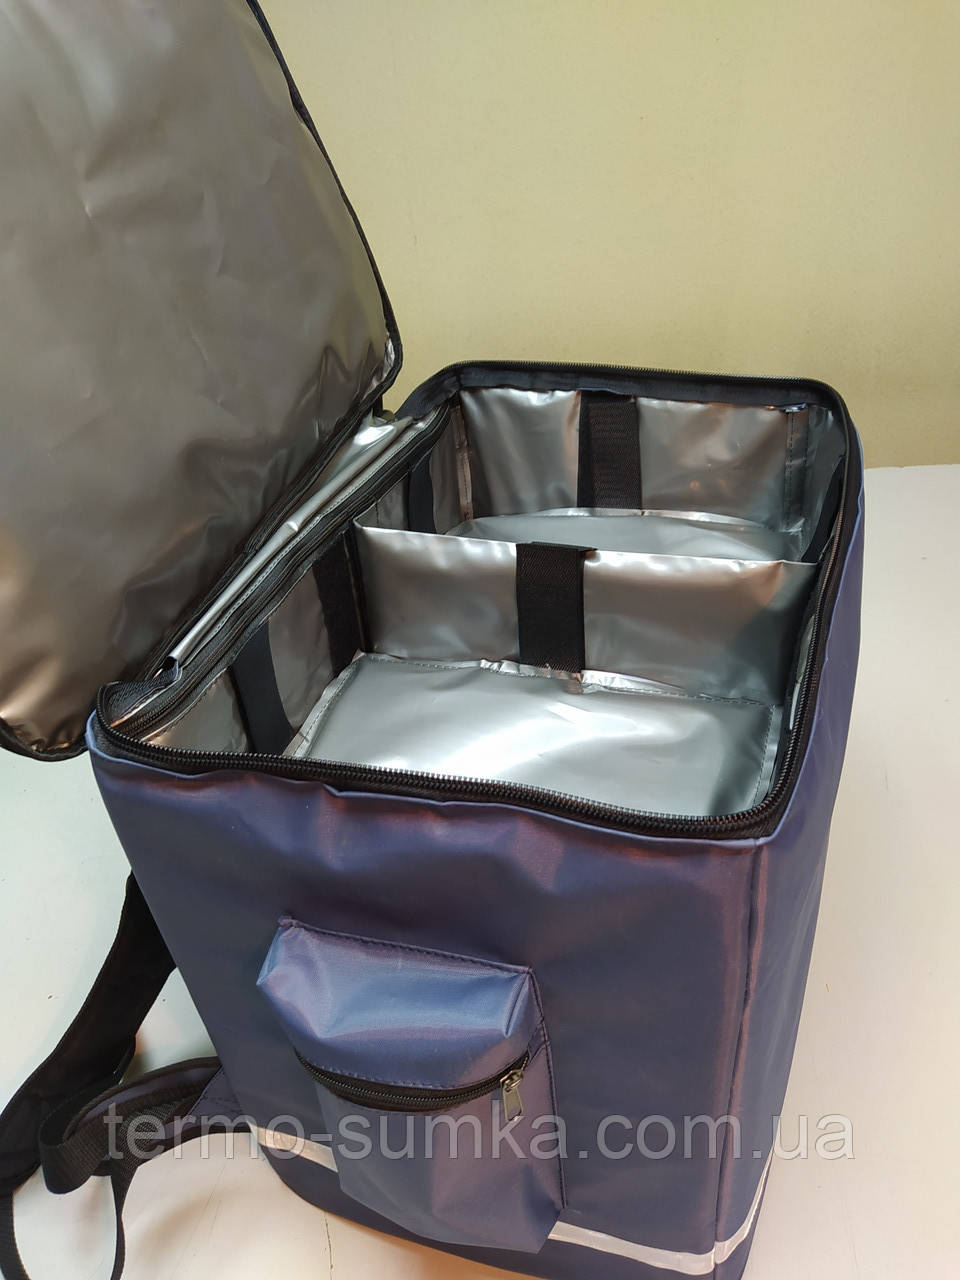 Терморюкзак. Термосумка для суши с перегородками: вертикаль + горизонталь, карманом для терминала. Серая